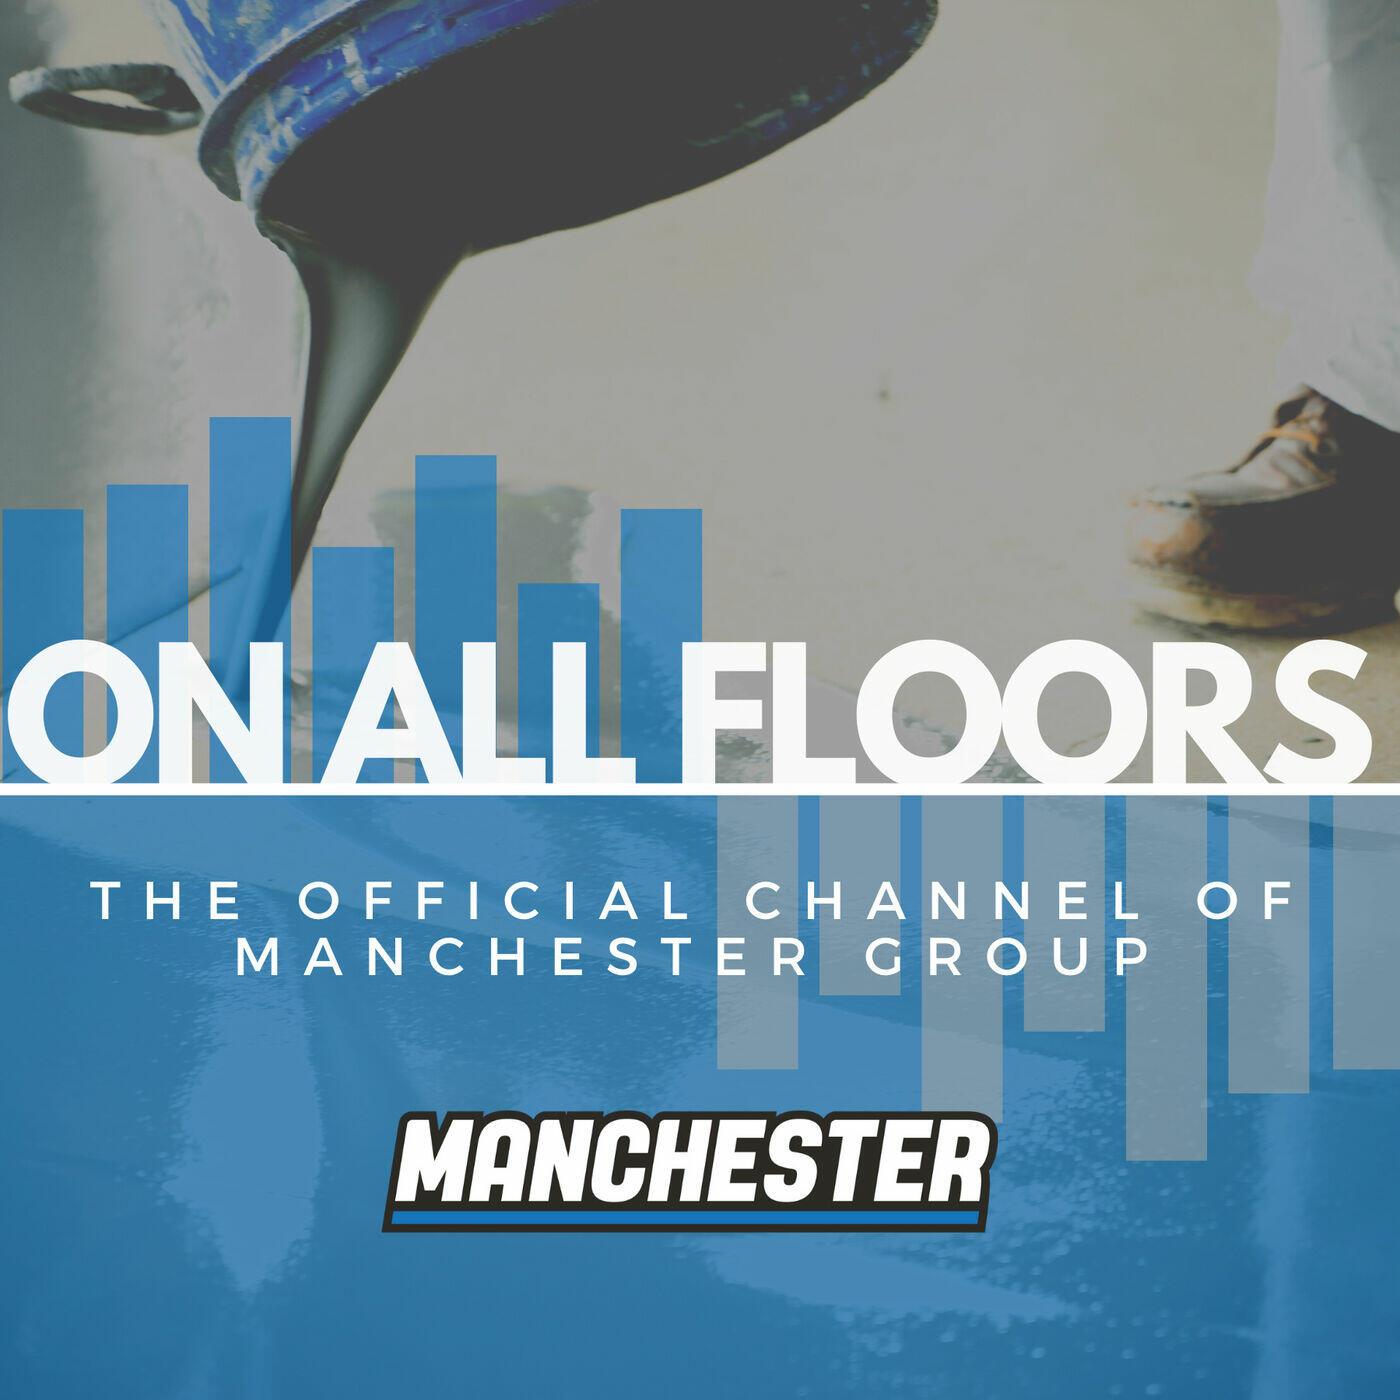 On All Floors